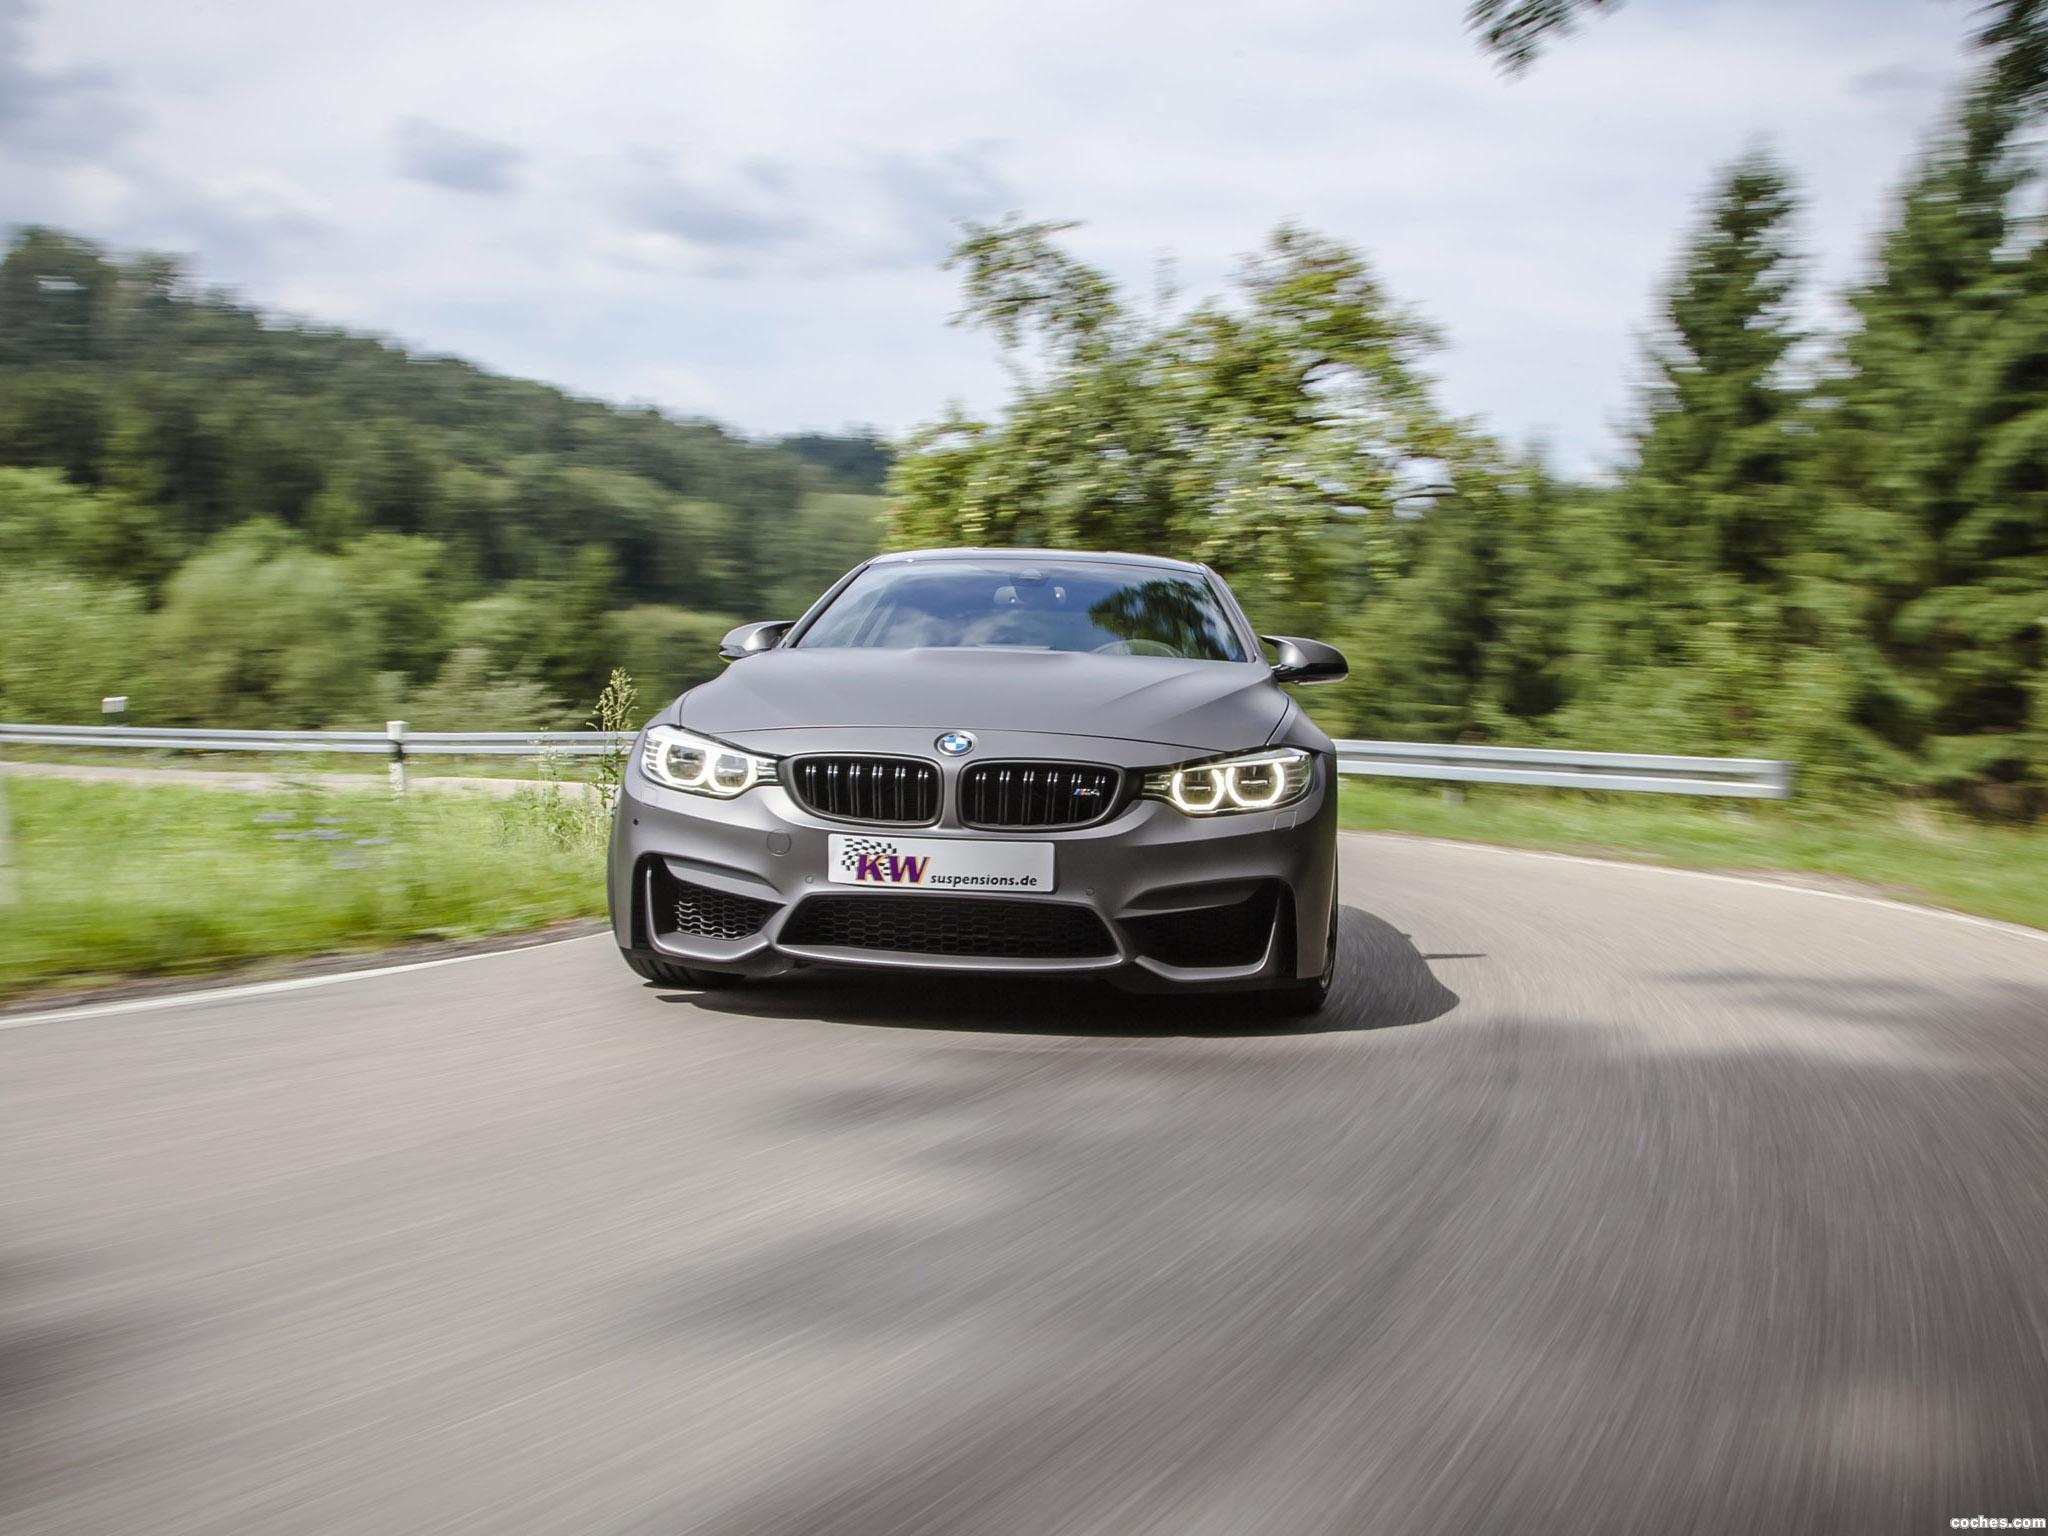 Foto 5 de BMW Serie 4 M4 Coupe KW Clubsport 2014